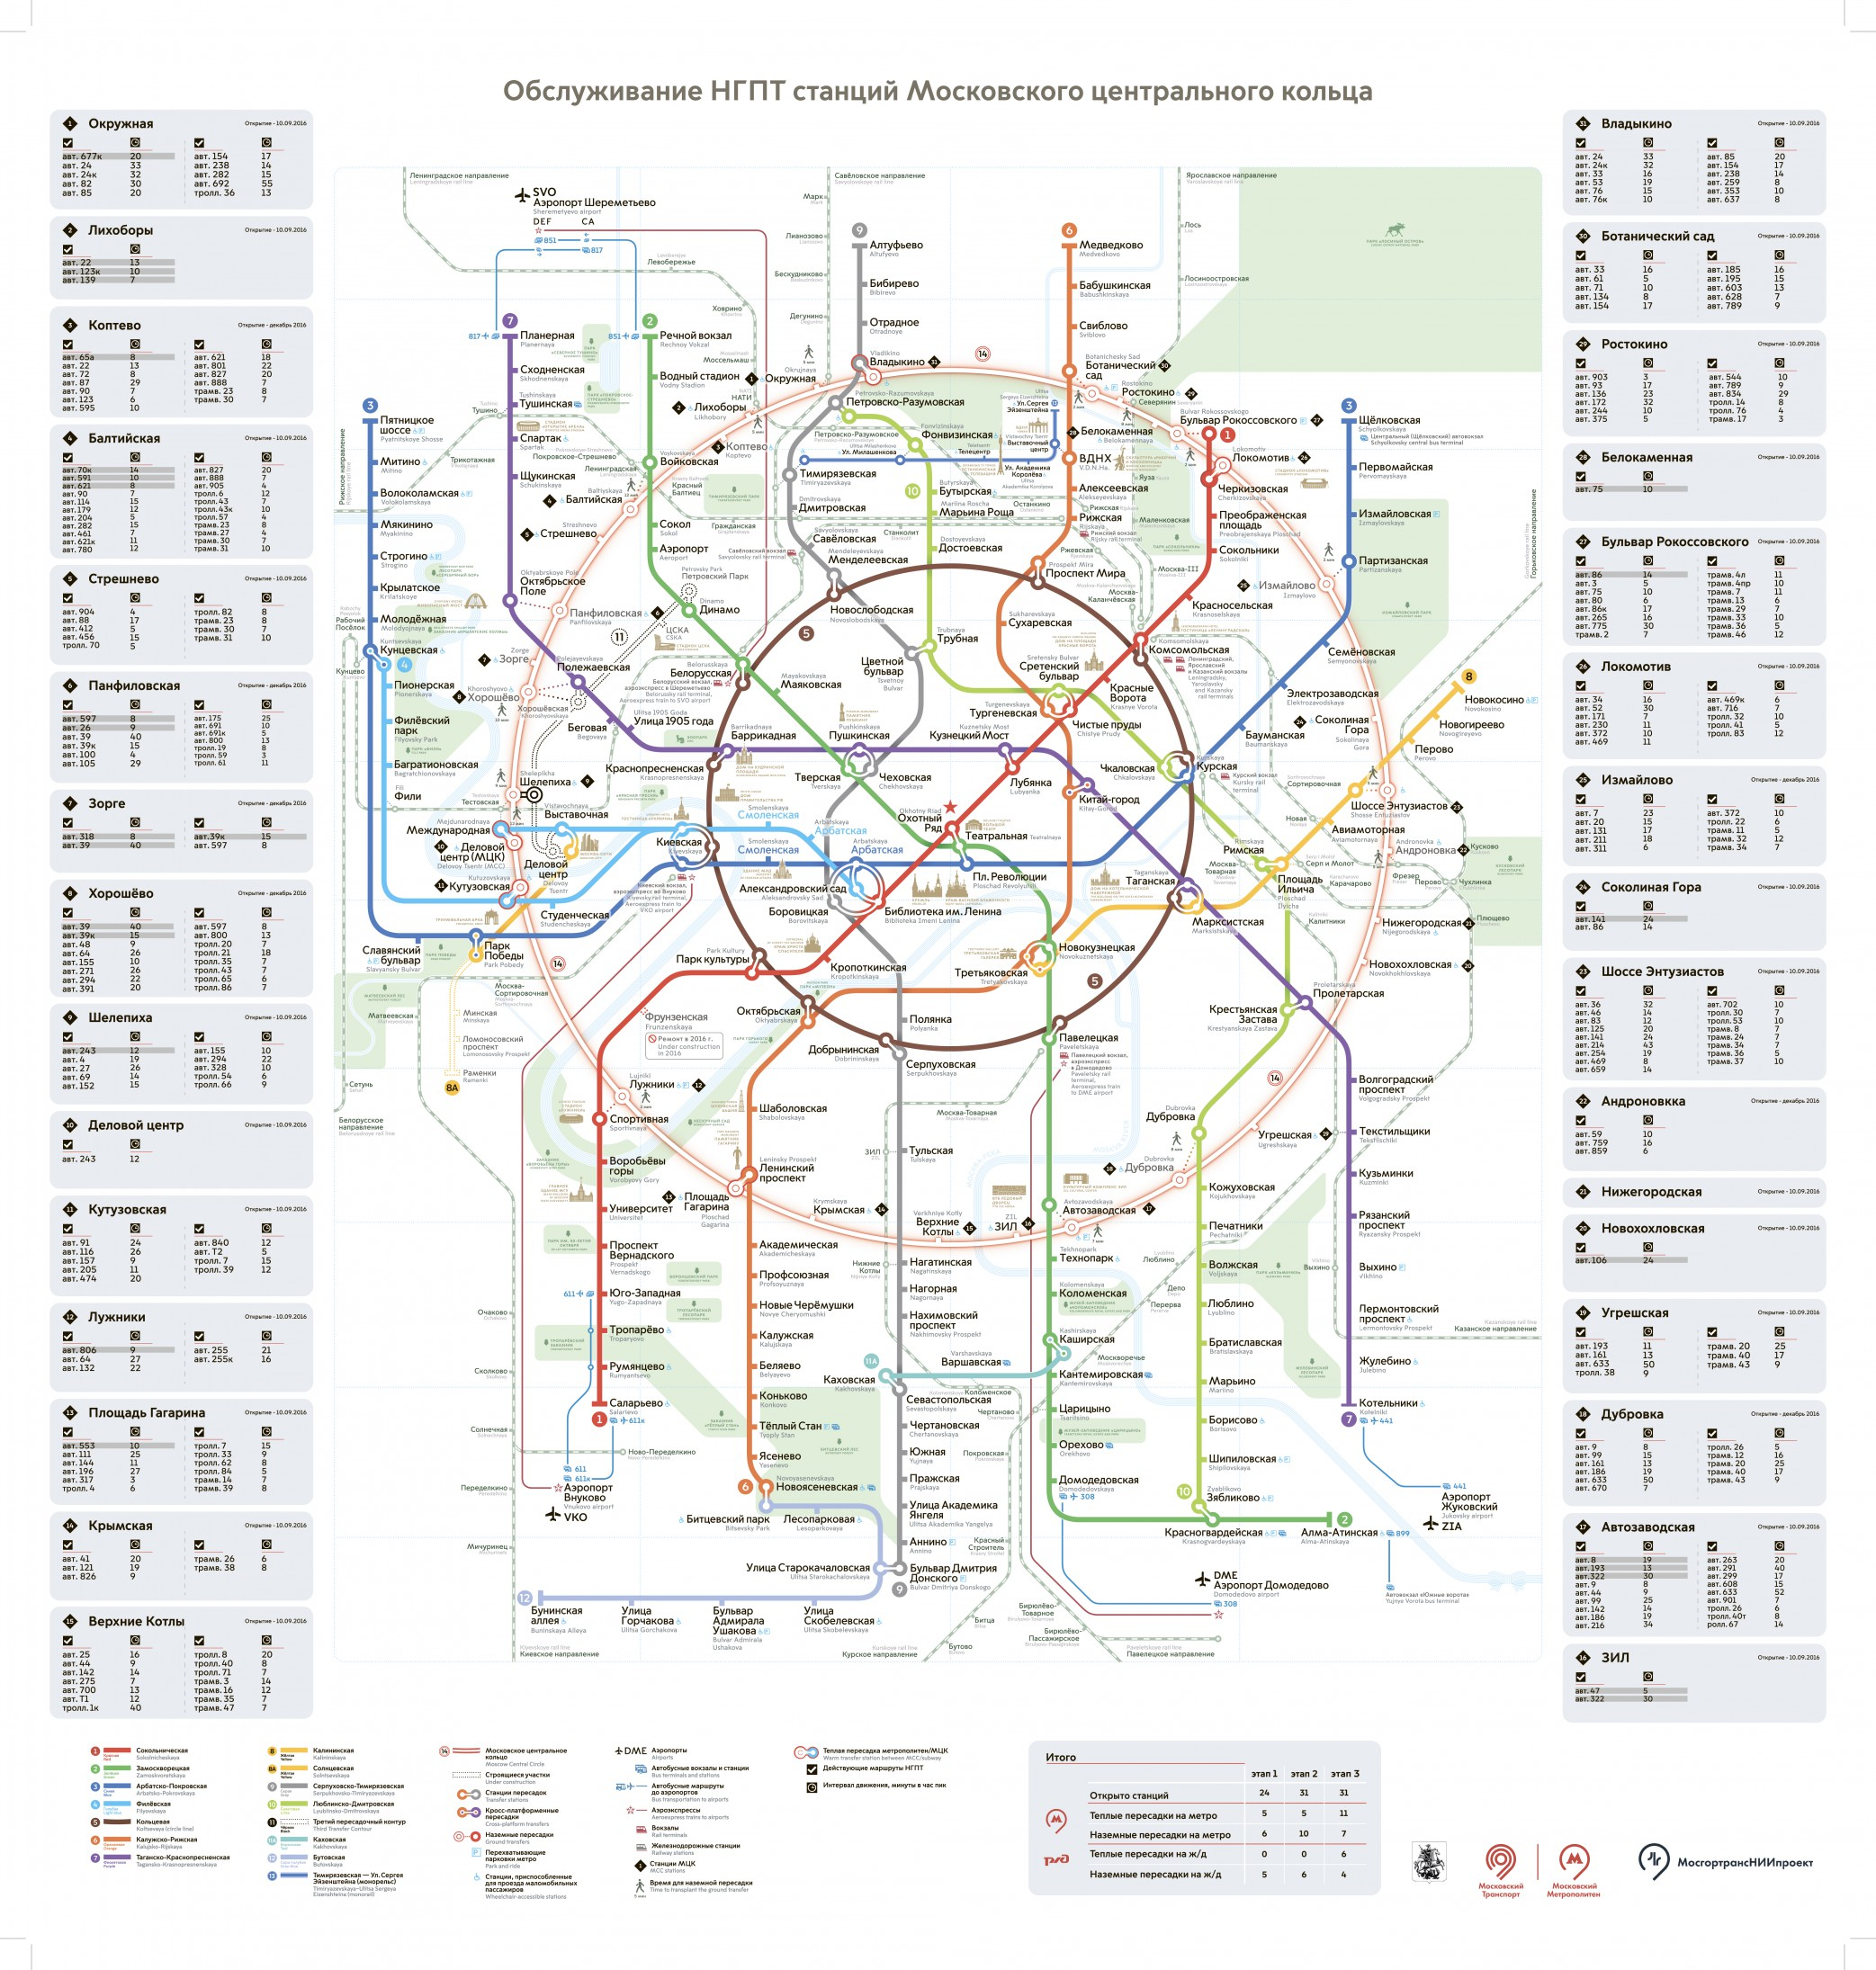 Схема мцк московское центральное фото 680